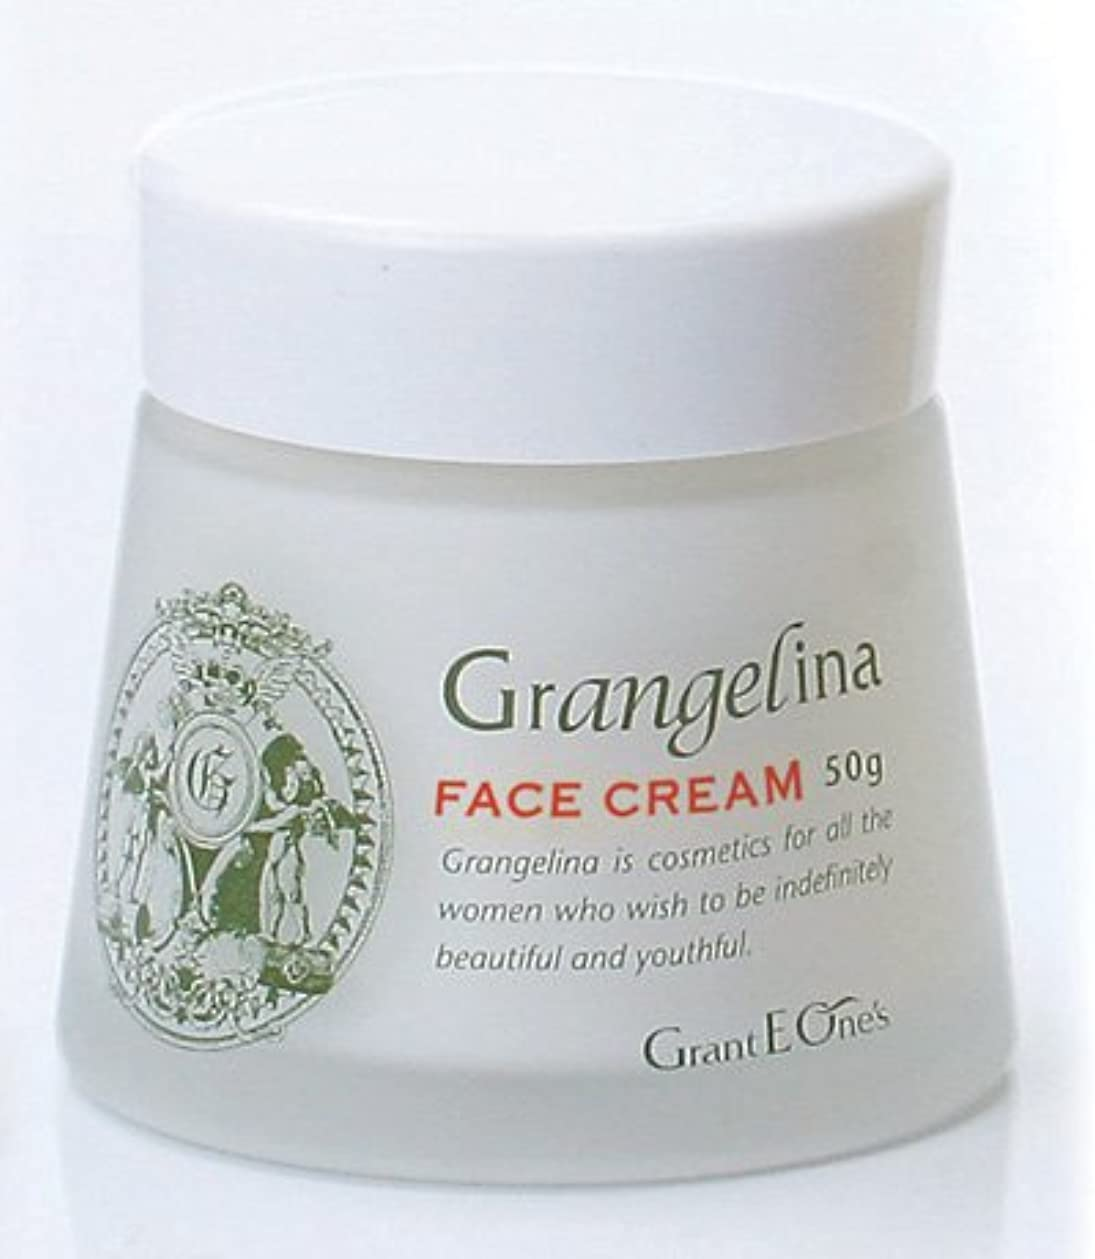 アトラスコンデンサー打ち負かすGrangelina グランジェリーナ フェイスパック(保湿クリーム)50g